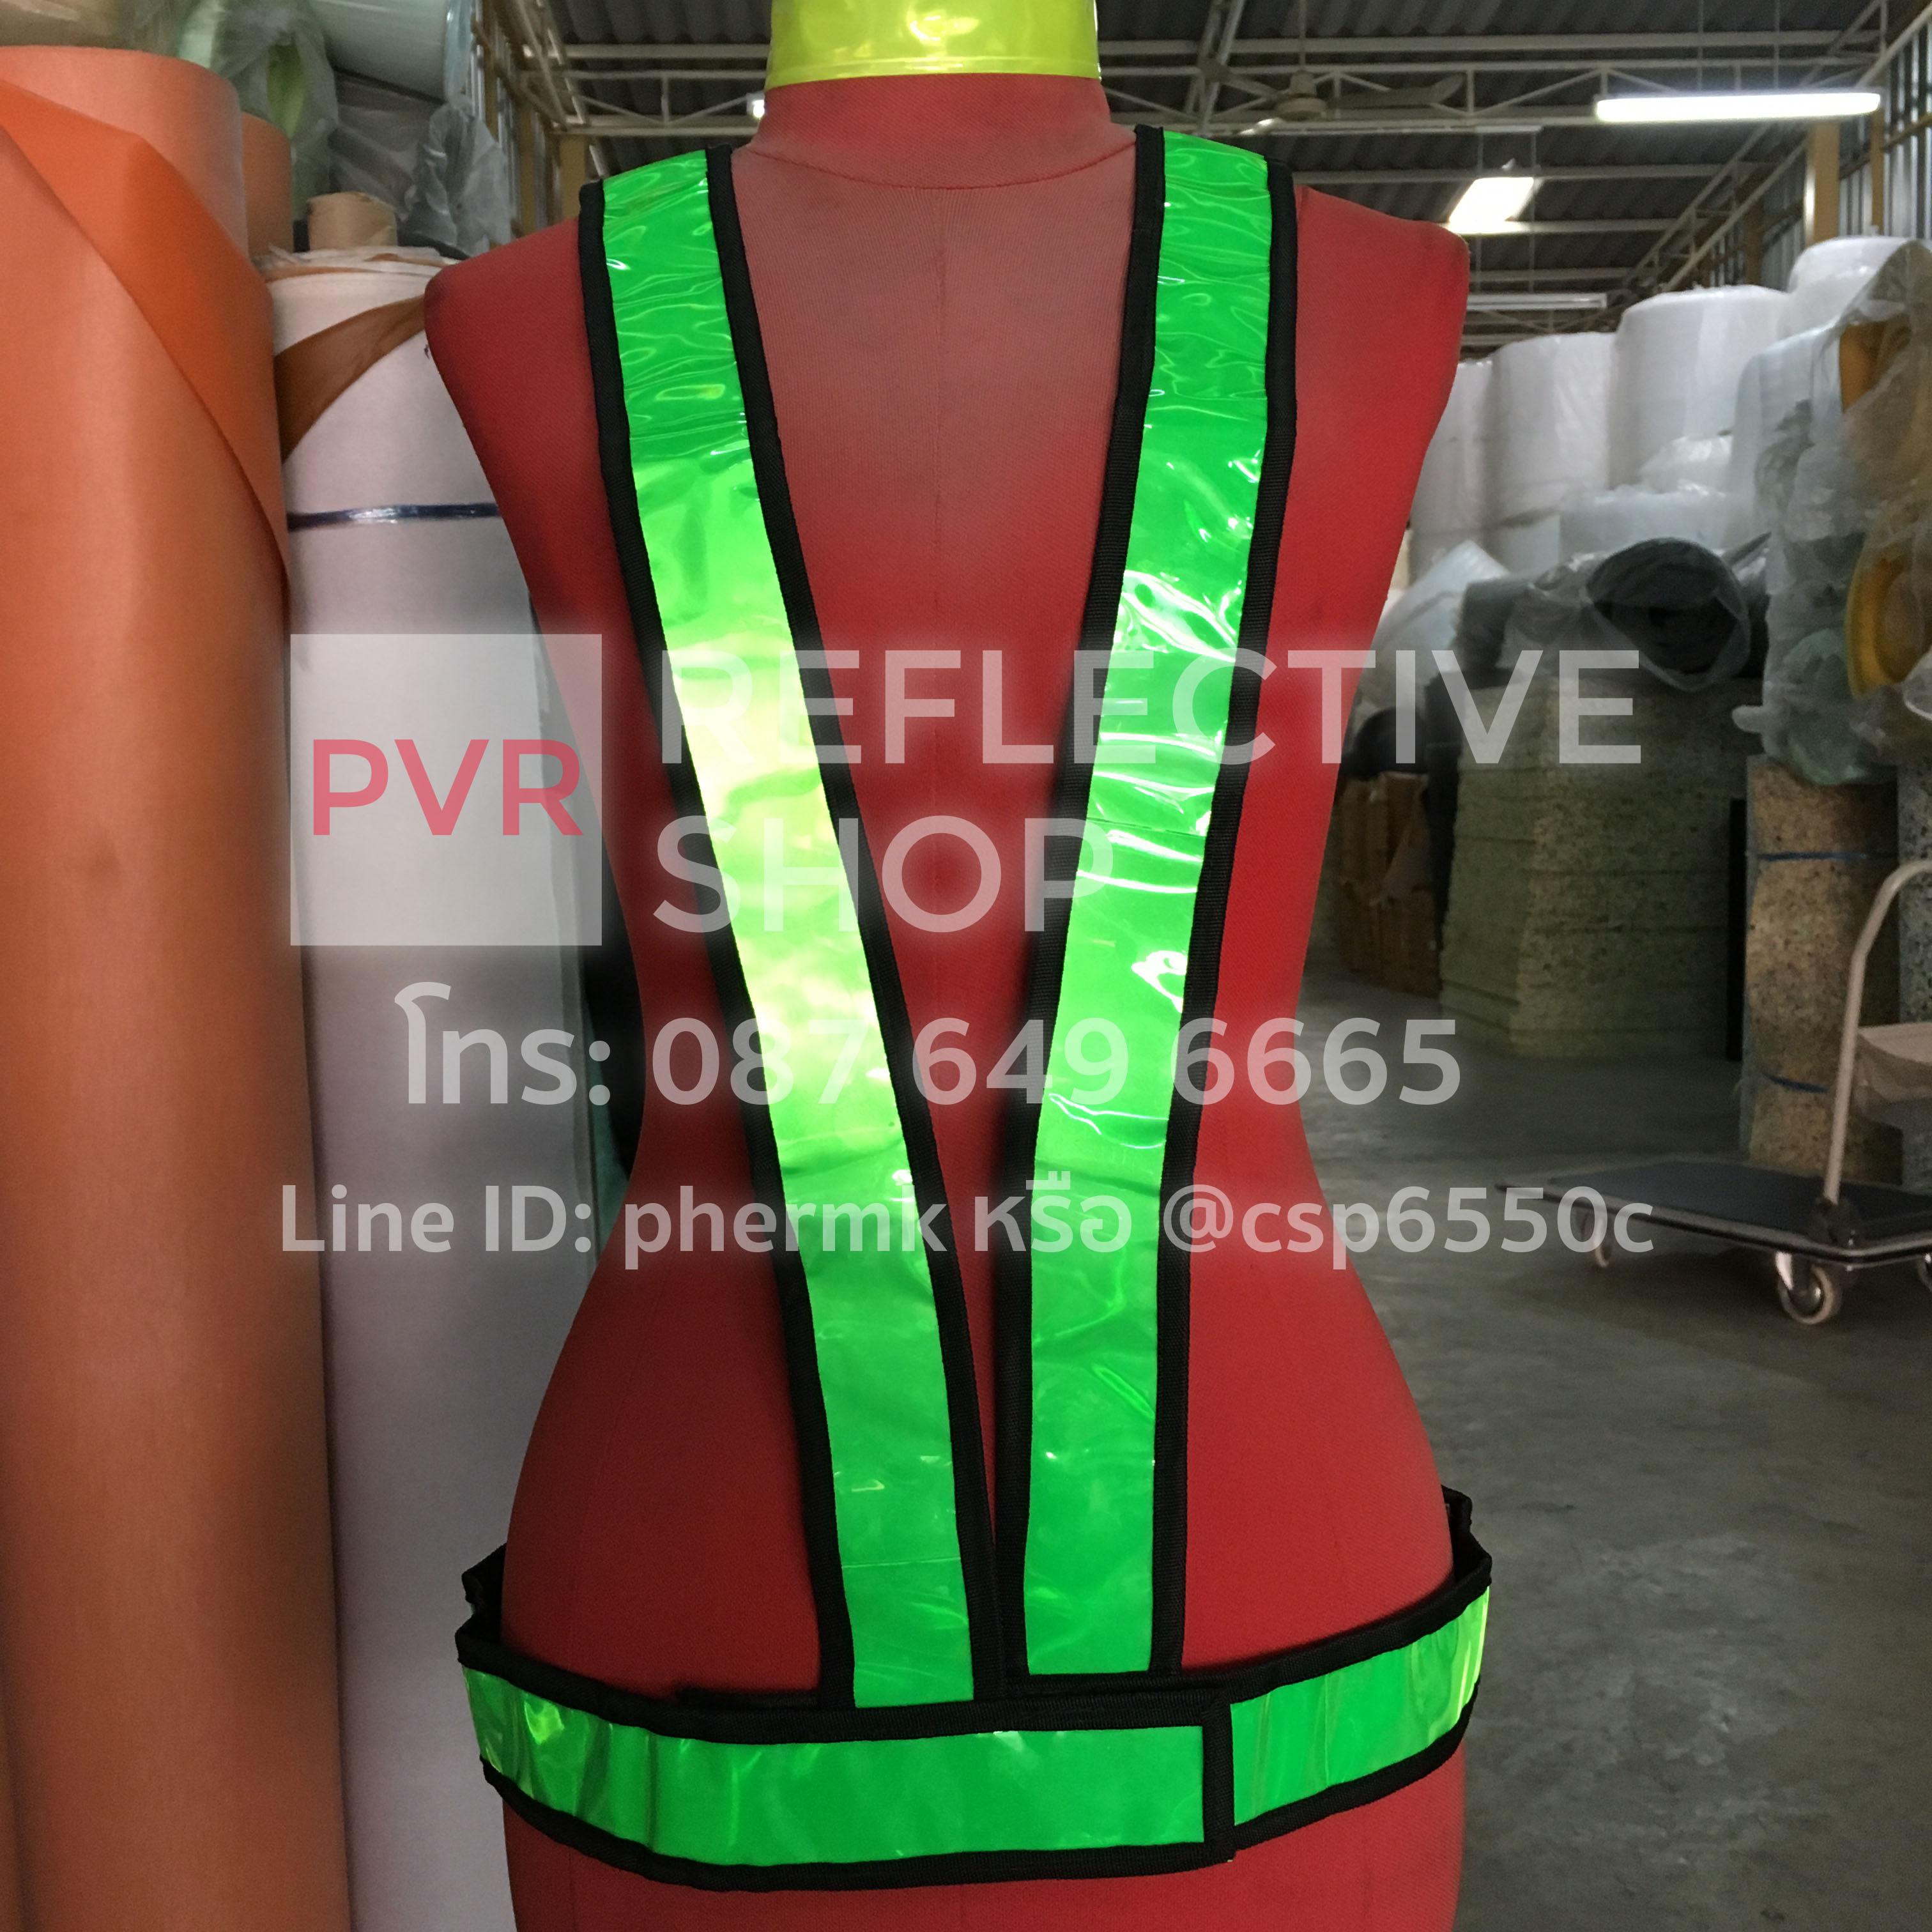 เสื้อเซฟตี้ สะท้อนแสง Safety อย่างดี สีเขียว